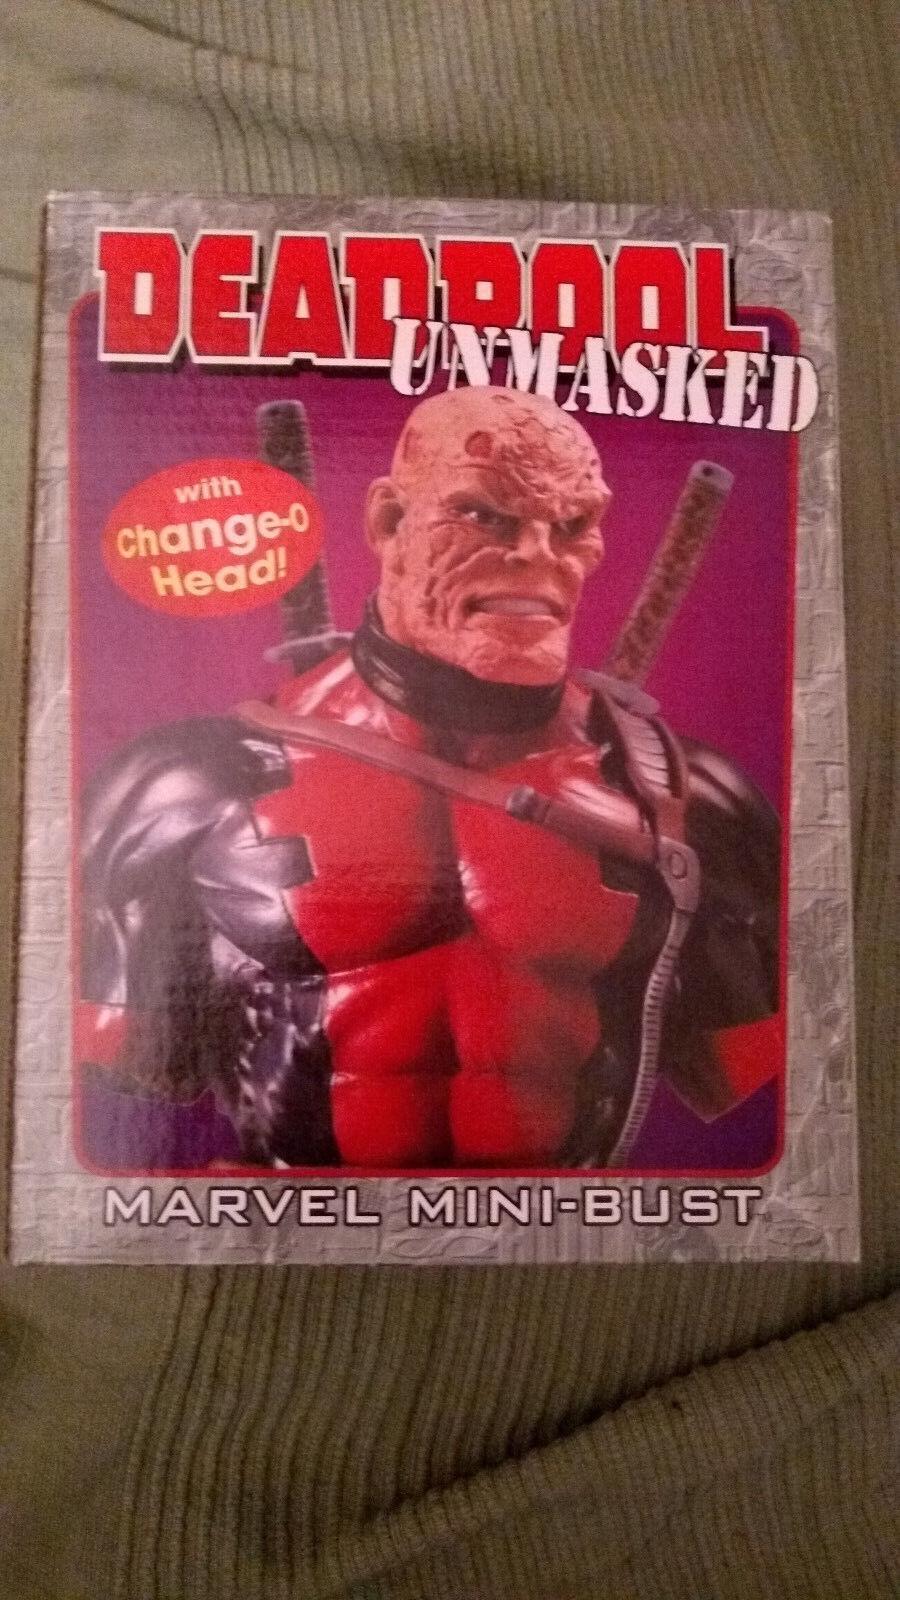 Randy Bowen Deadpool Unmasked mini bust statue X-men Boxed change o head